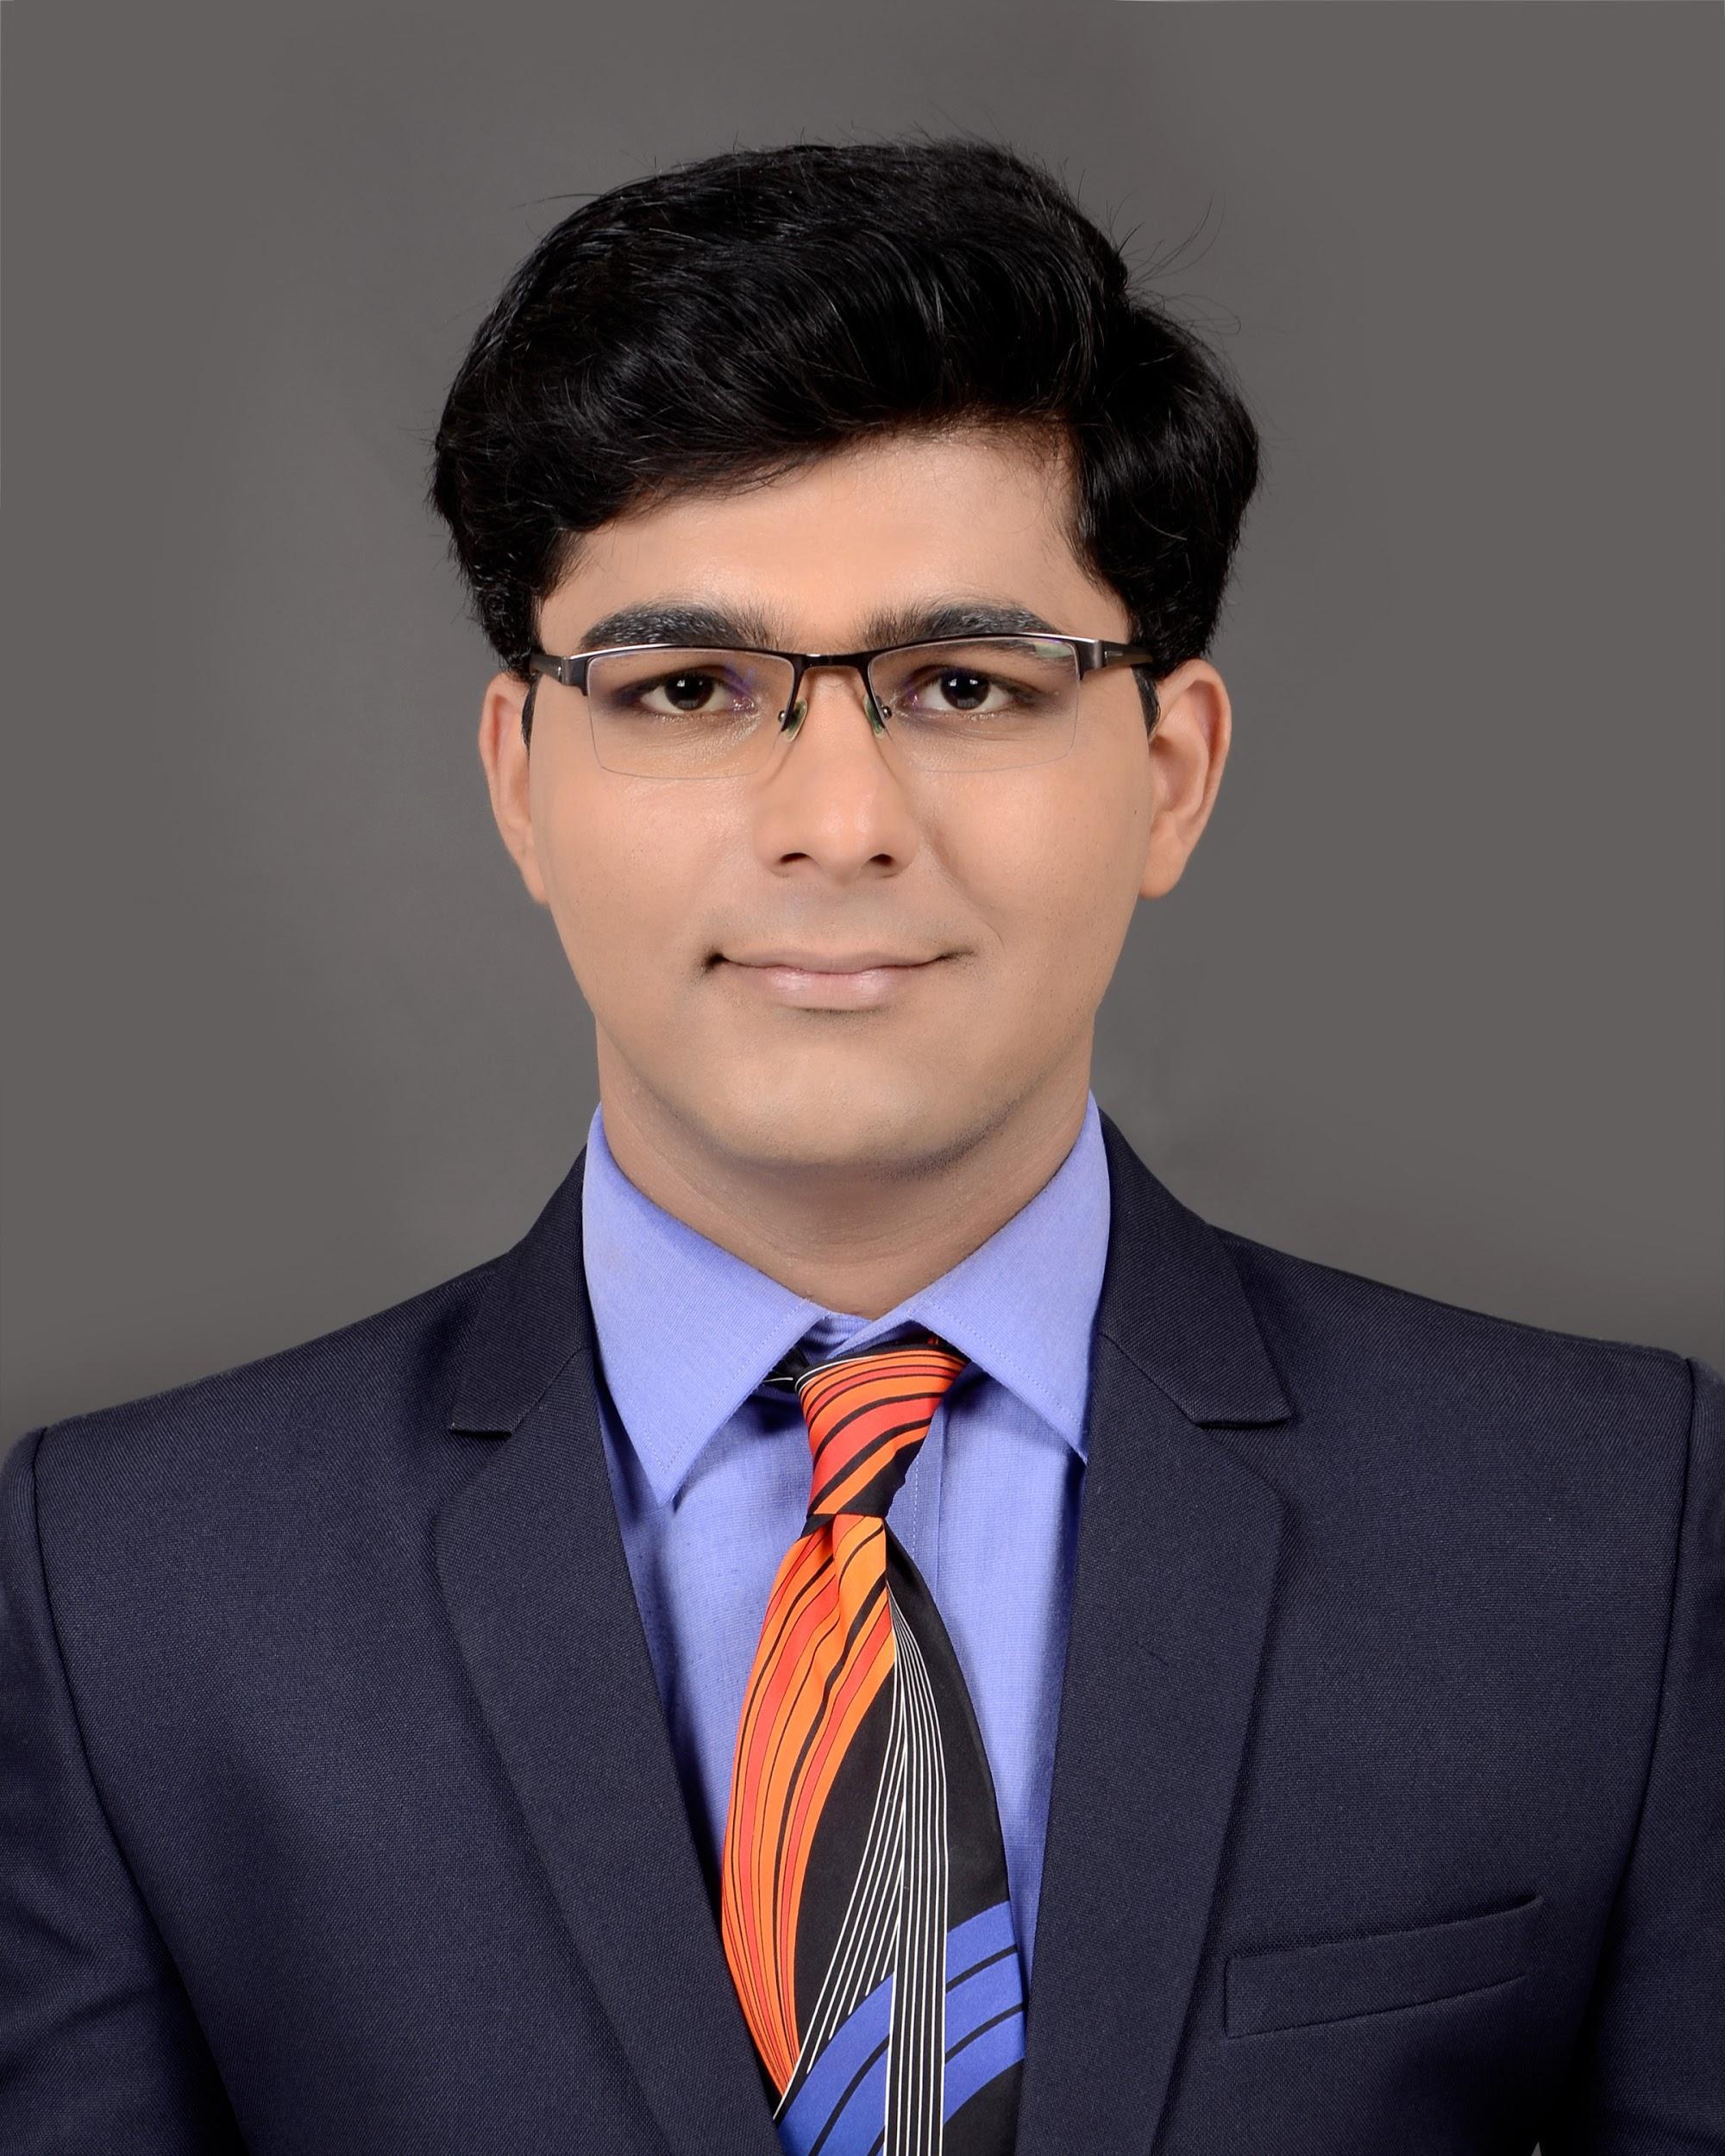 Mr. Akash Kotak